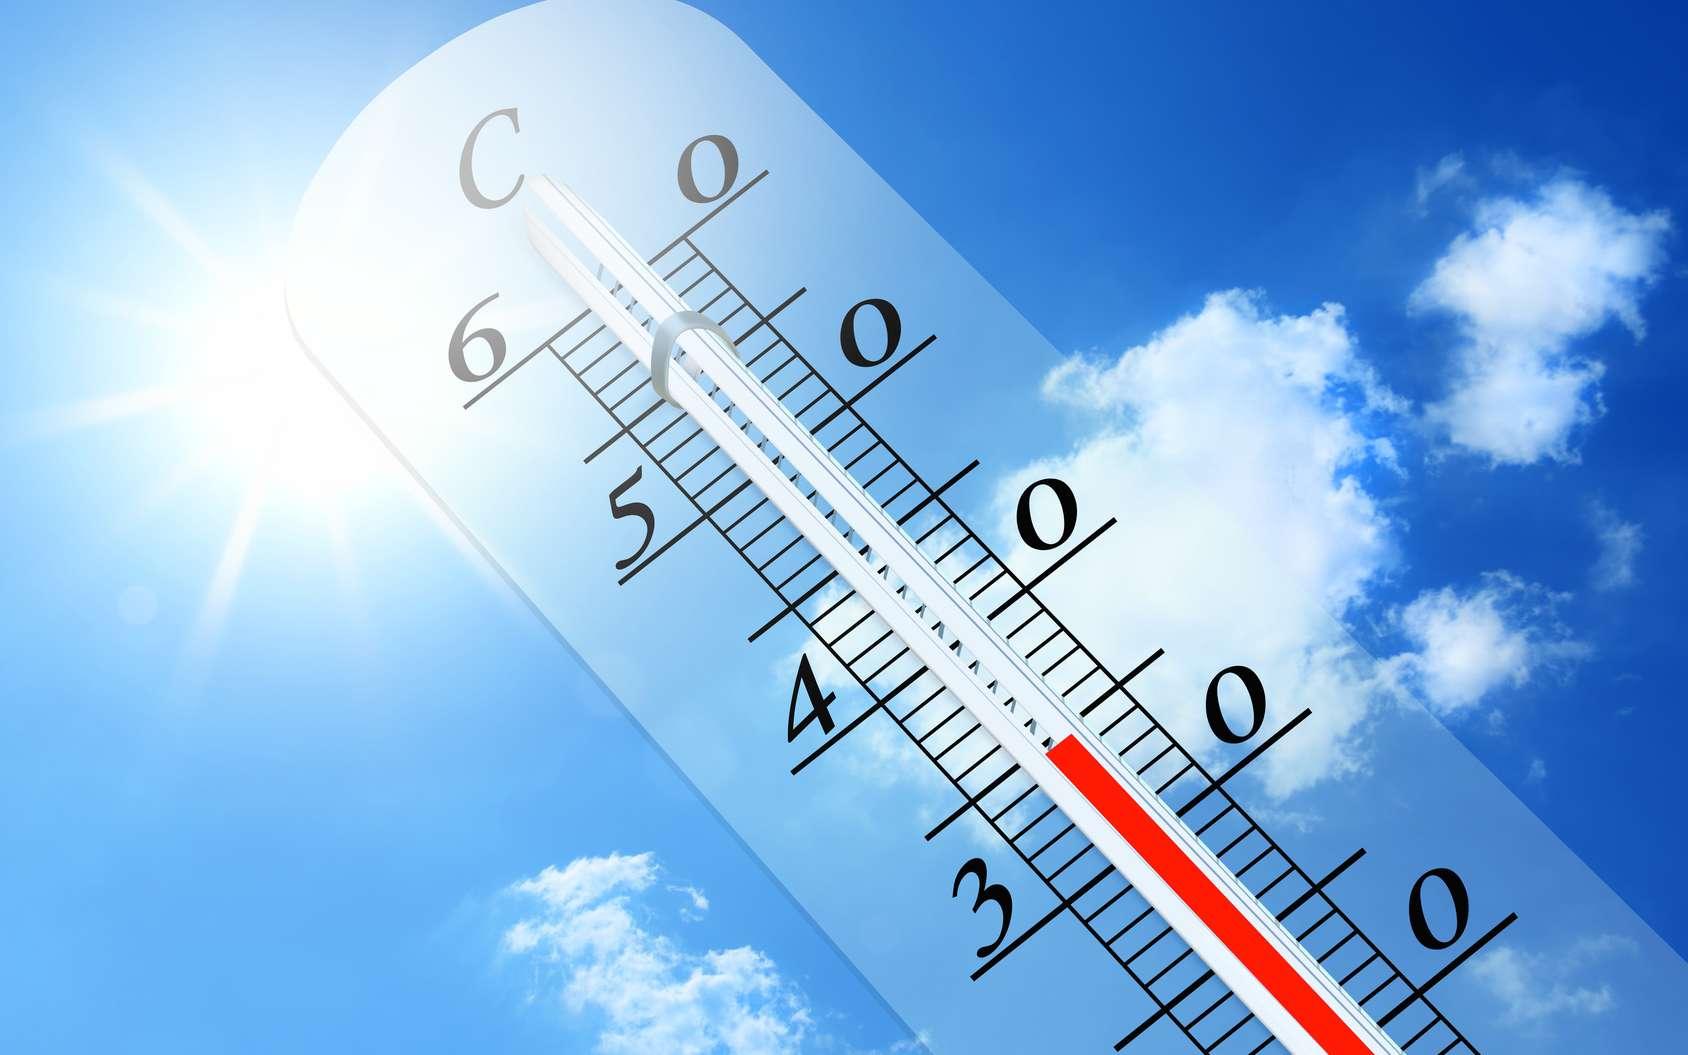 En ville, le réchauffement climatique pourrait conduire à des milliers de décès par an. © K.-U. Häßler, Fotolia